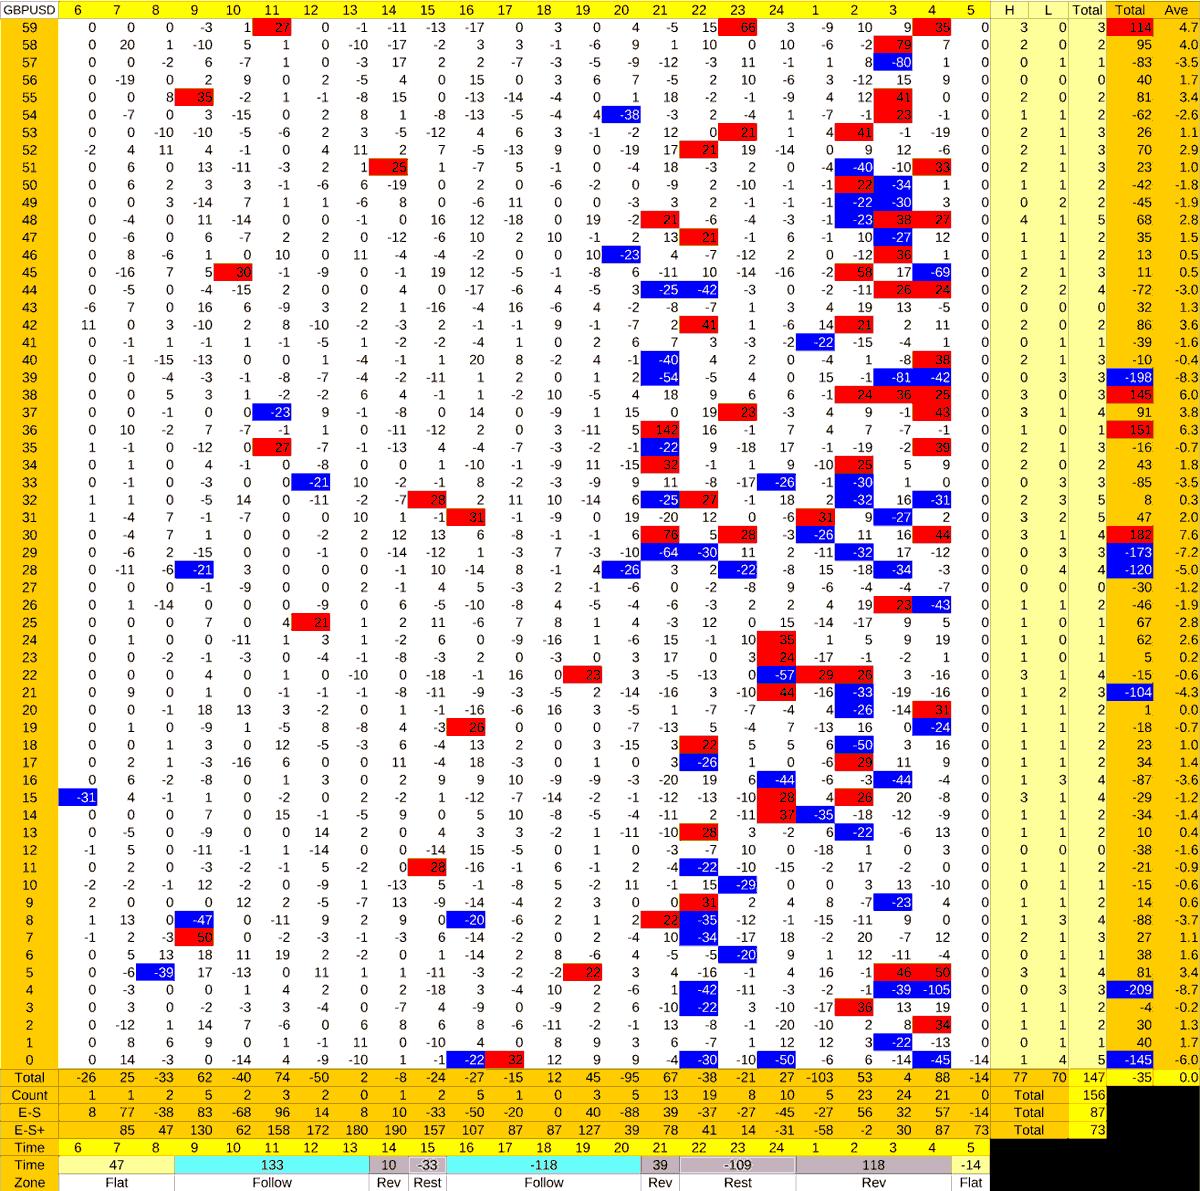 20210402_HS(2)GBPUSD